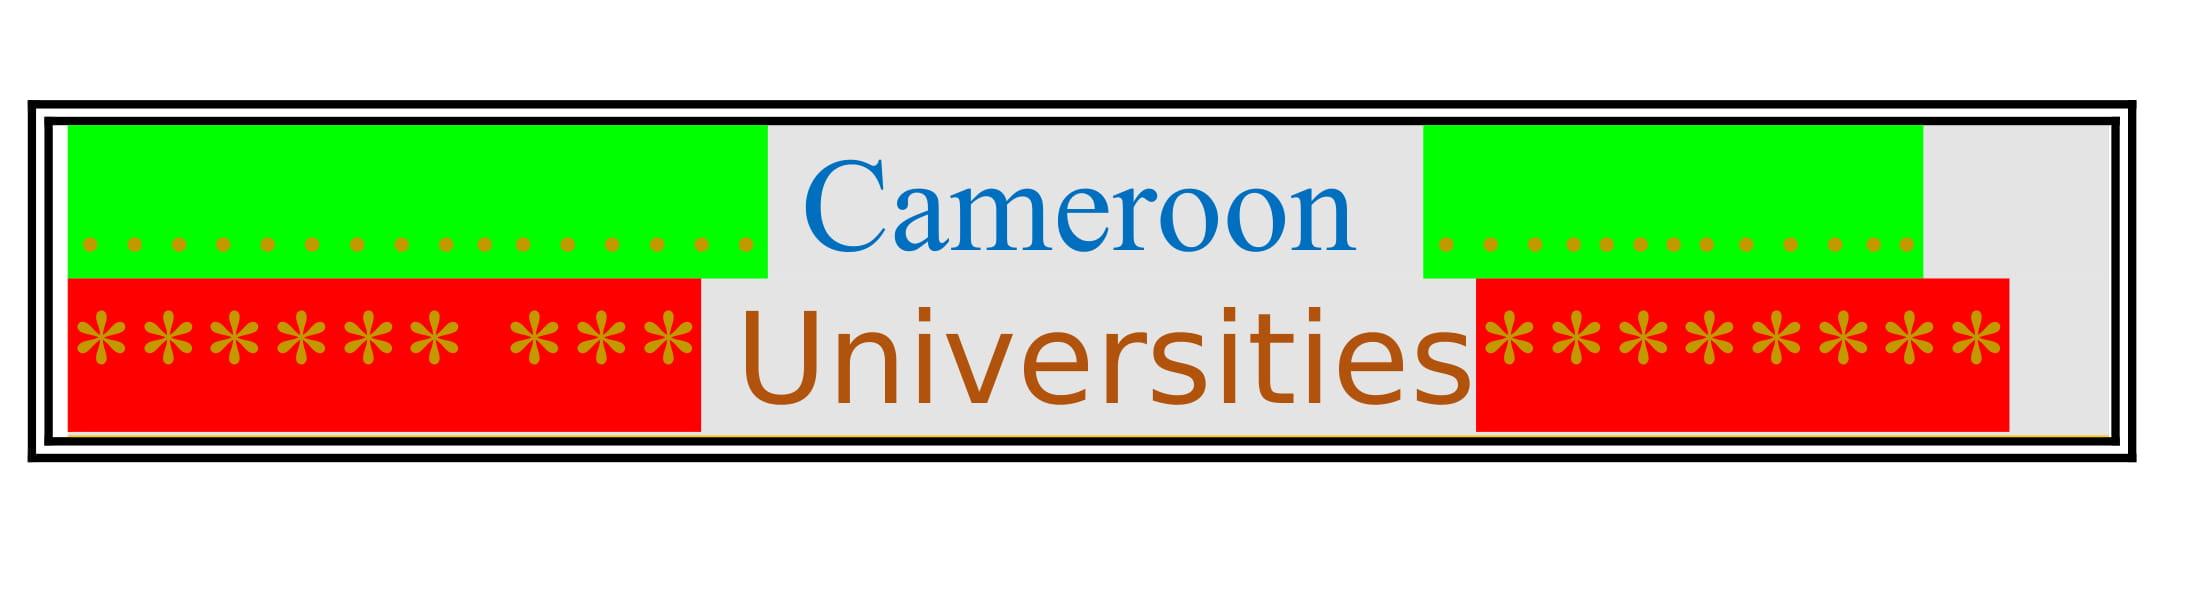 List of Cameroon Universities